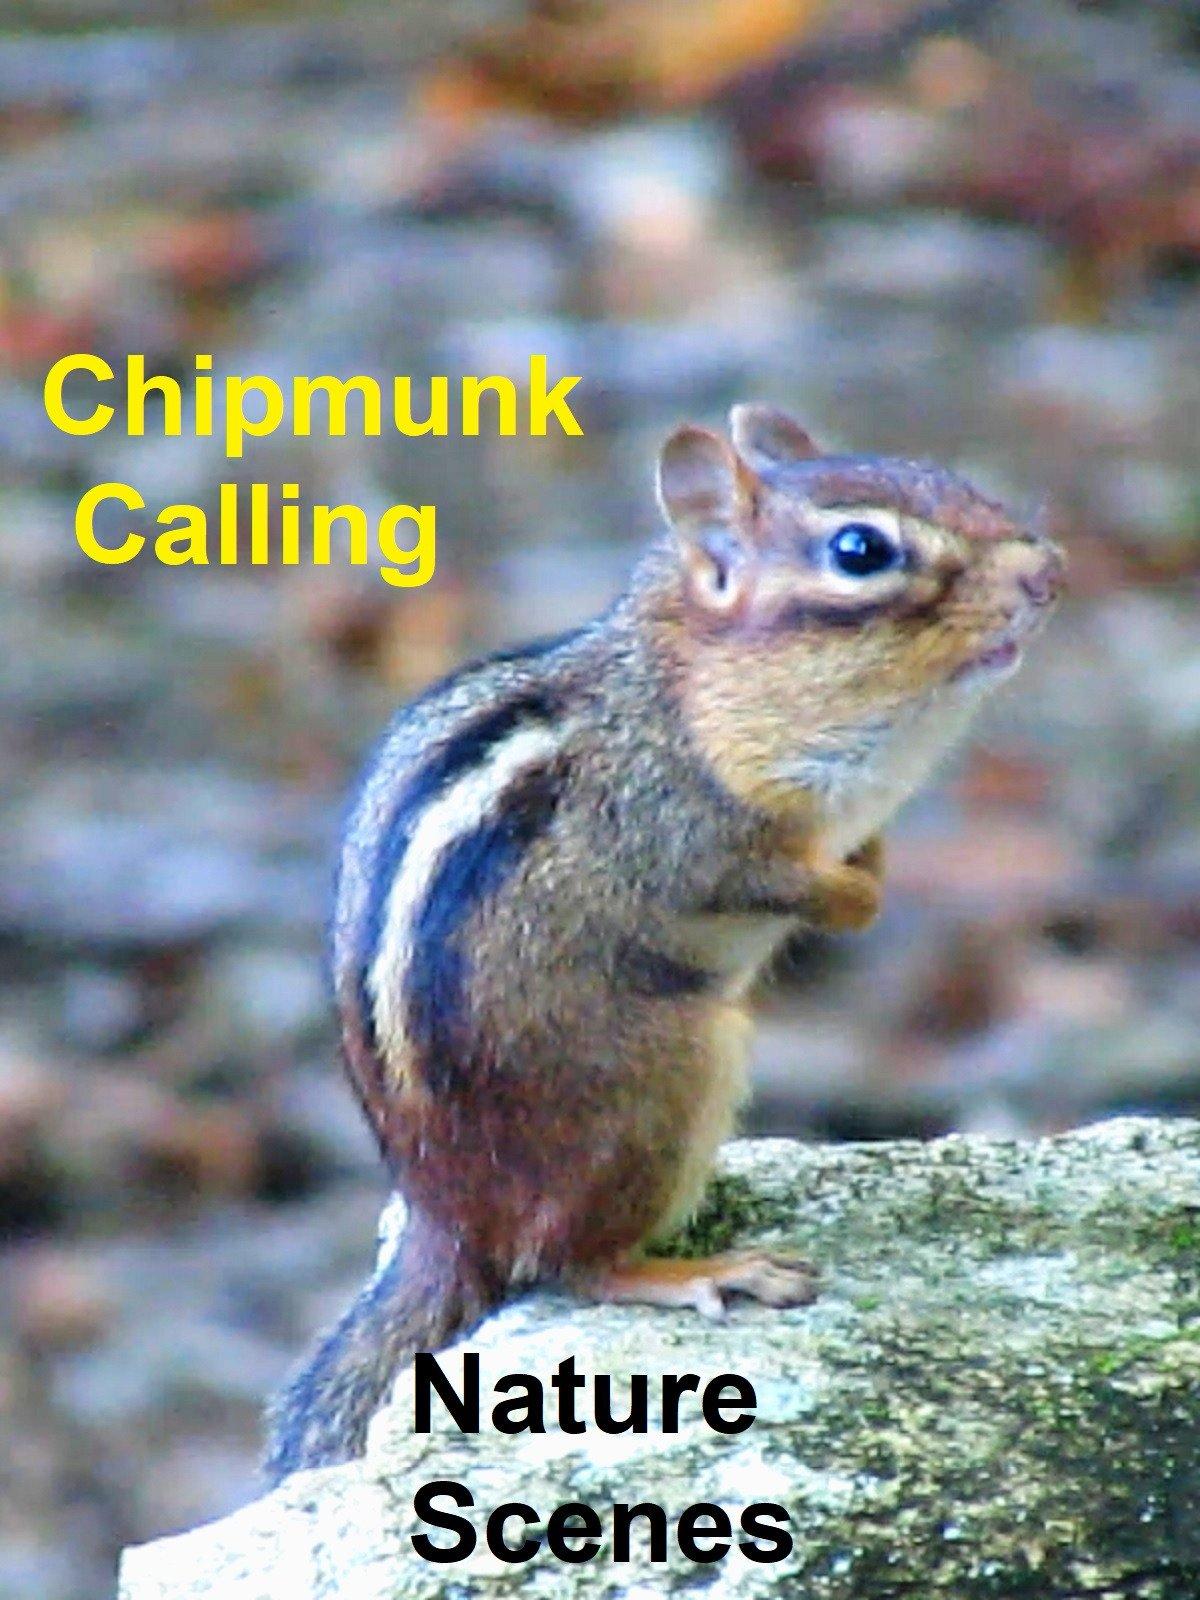 Chipmunk Calling